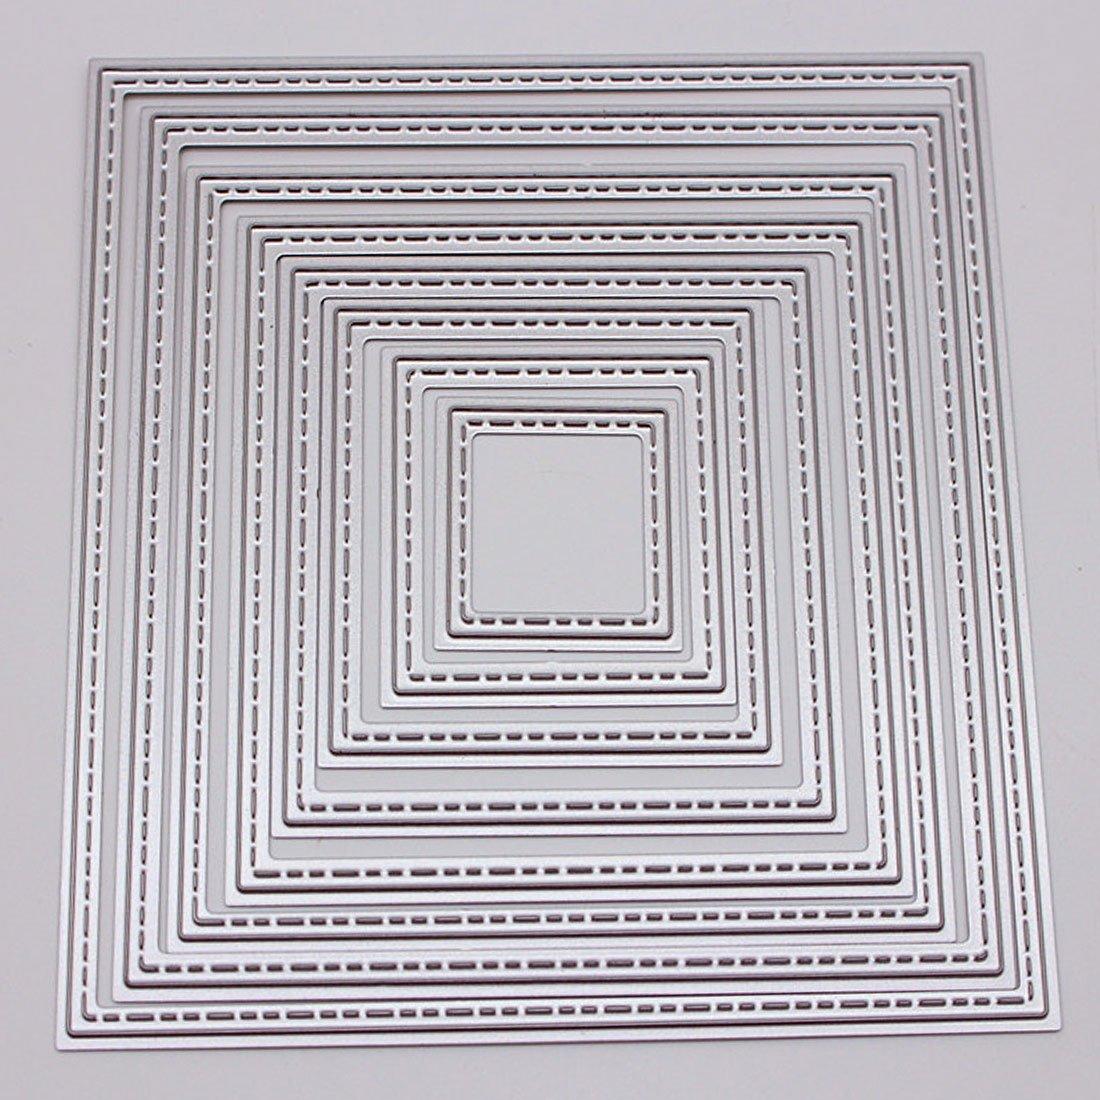 8 pcs Bricolage carré découpe Matrices pochoirs Carte gaufrage Scrapbooking Album décoration Artisanat Matrice de Coupe modèle Dossier Costume Basico